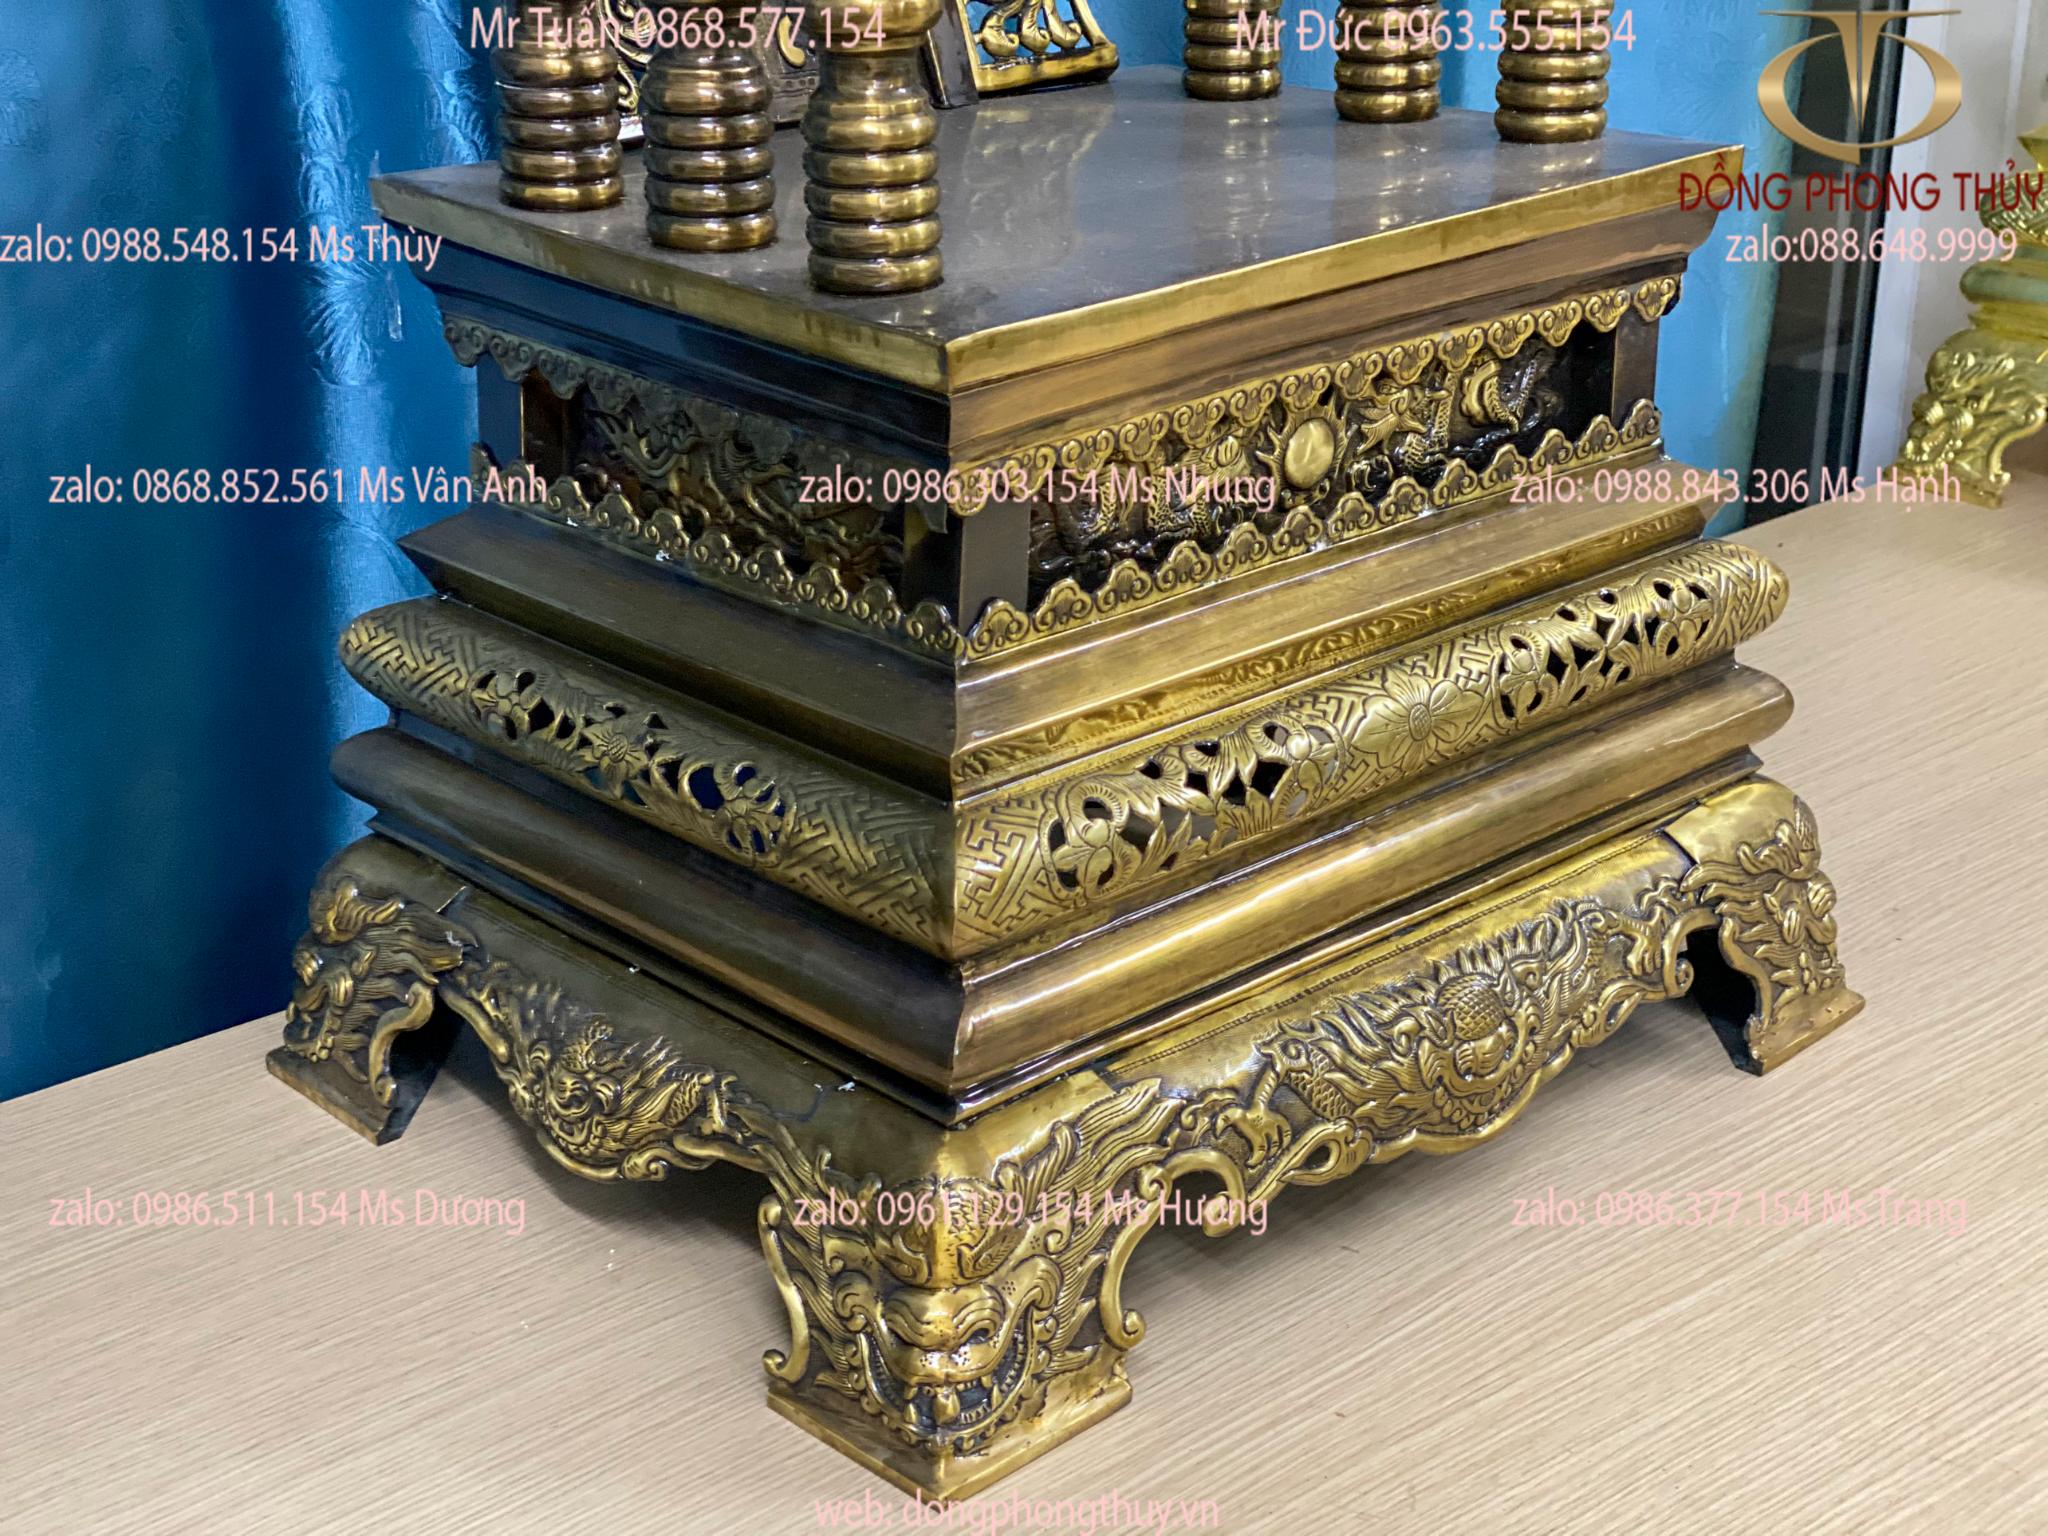 Ngai thờ bằng đồng màu hun 86cm ngang 48cm sâu 38cm